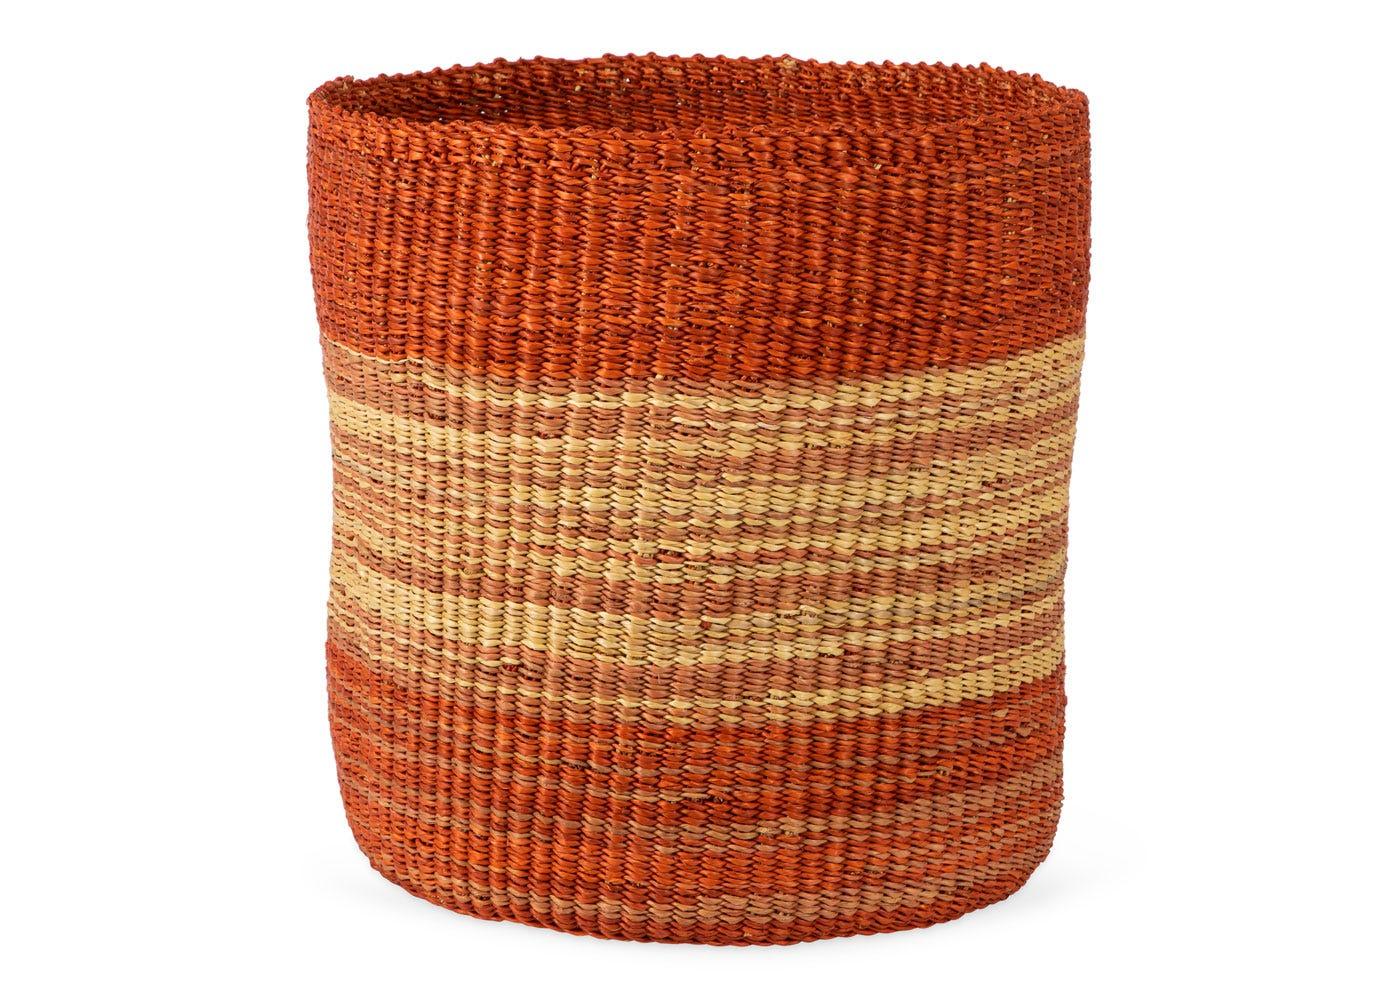 As Shown: Handwoven Storage Basket in Orange